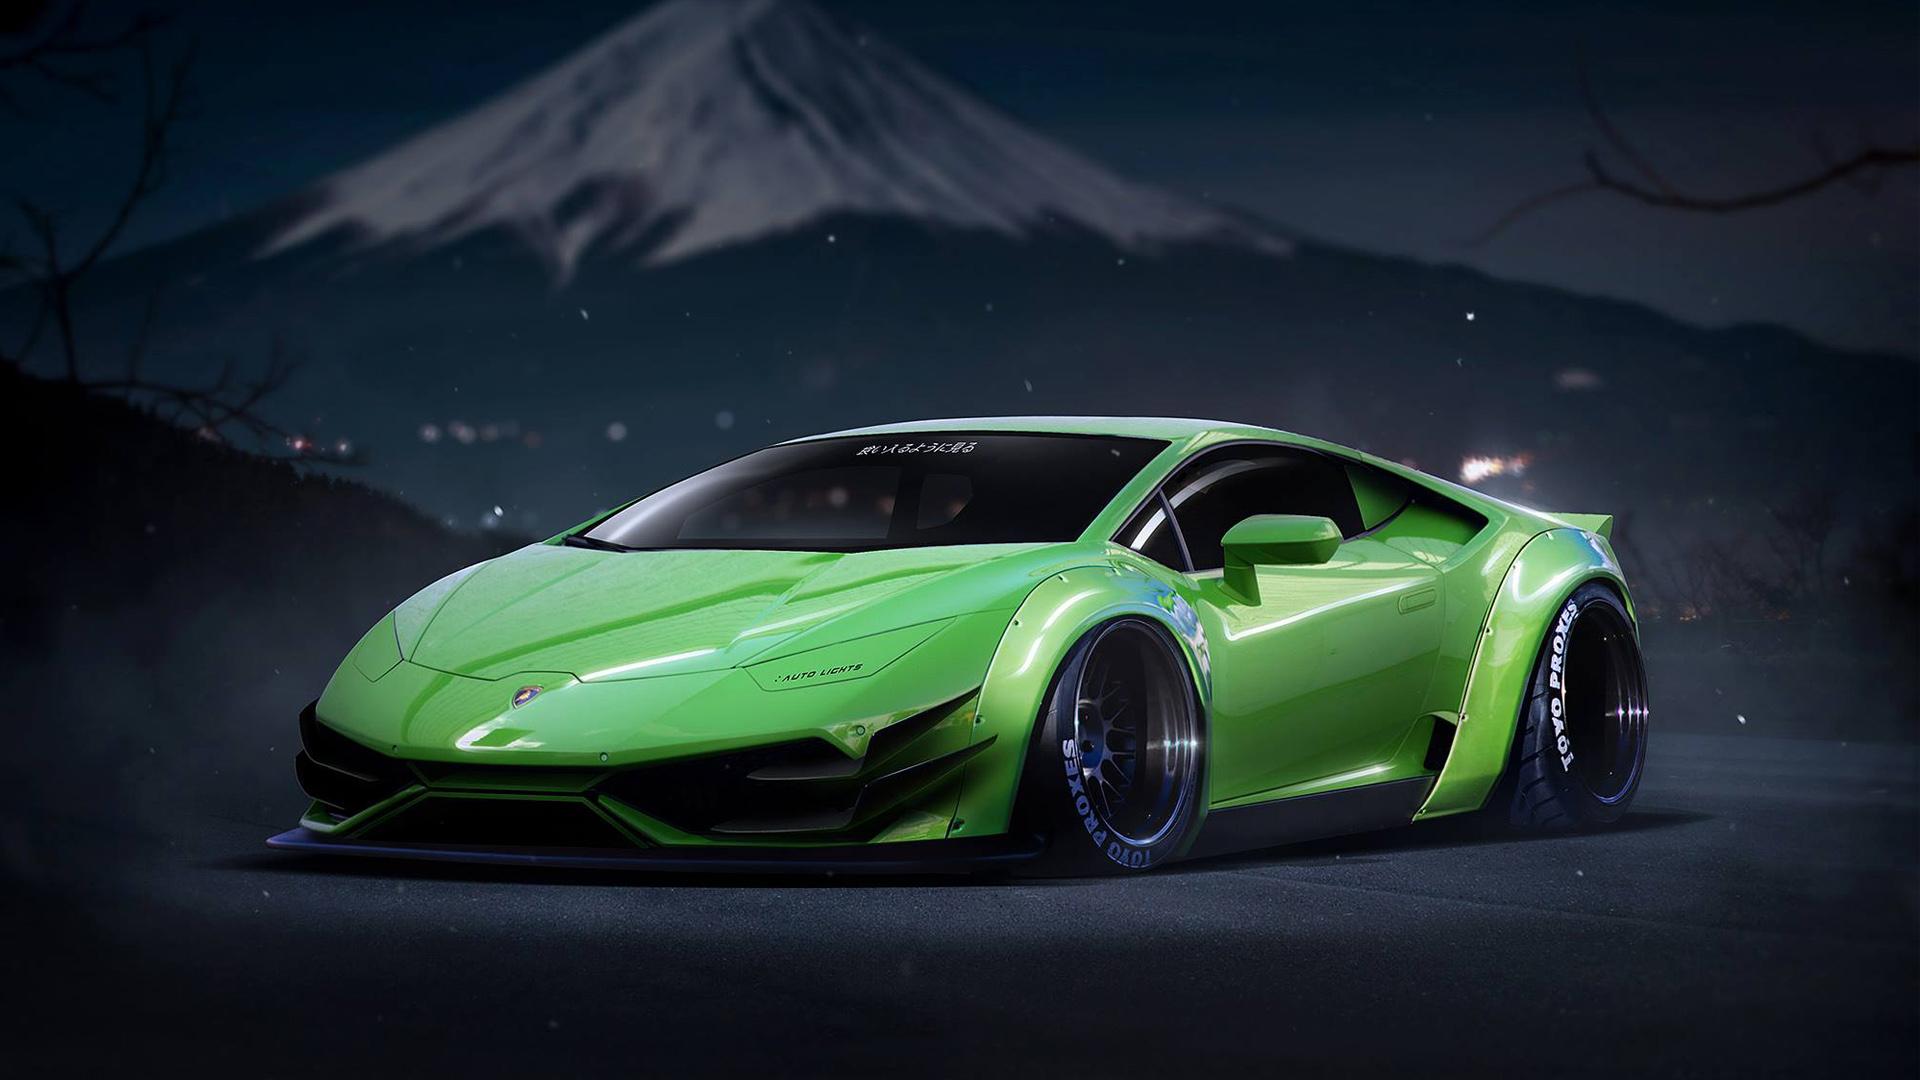 2016 Lamborghini Huracan LP640 4 Superleggera Wallpaper